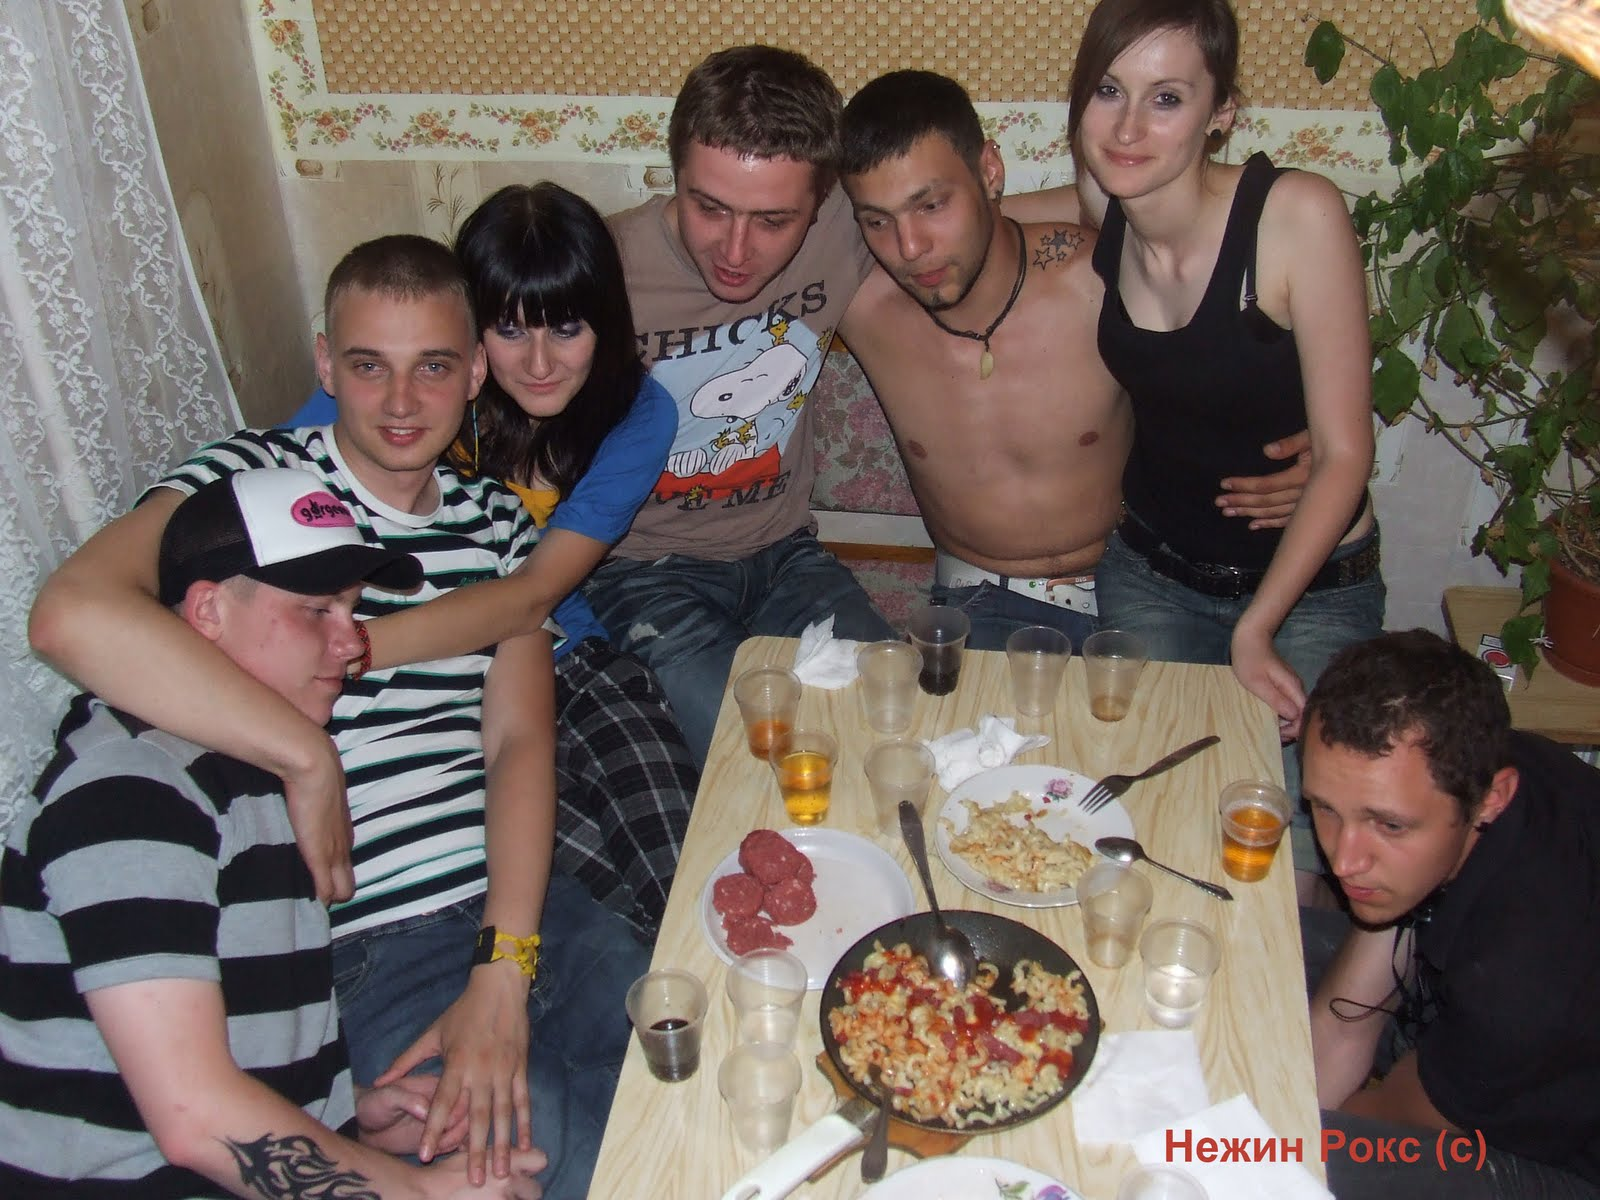 Пьяные девочки показывают писи 13 фотография